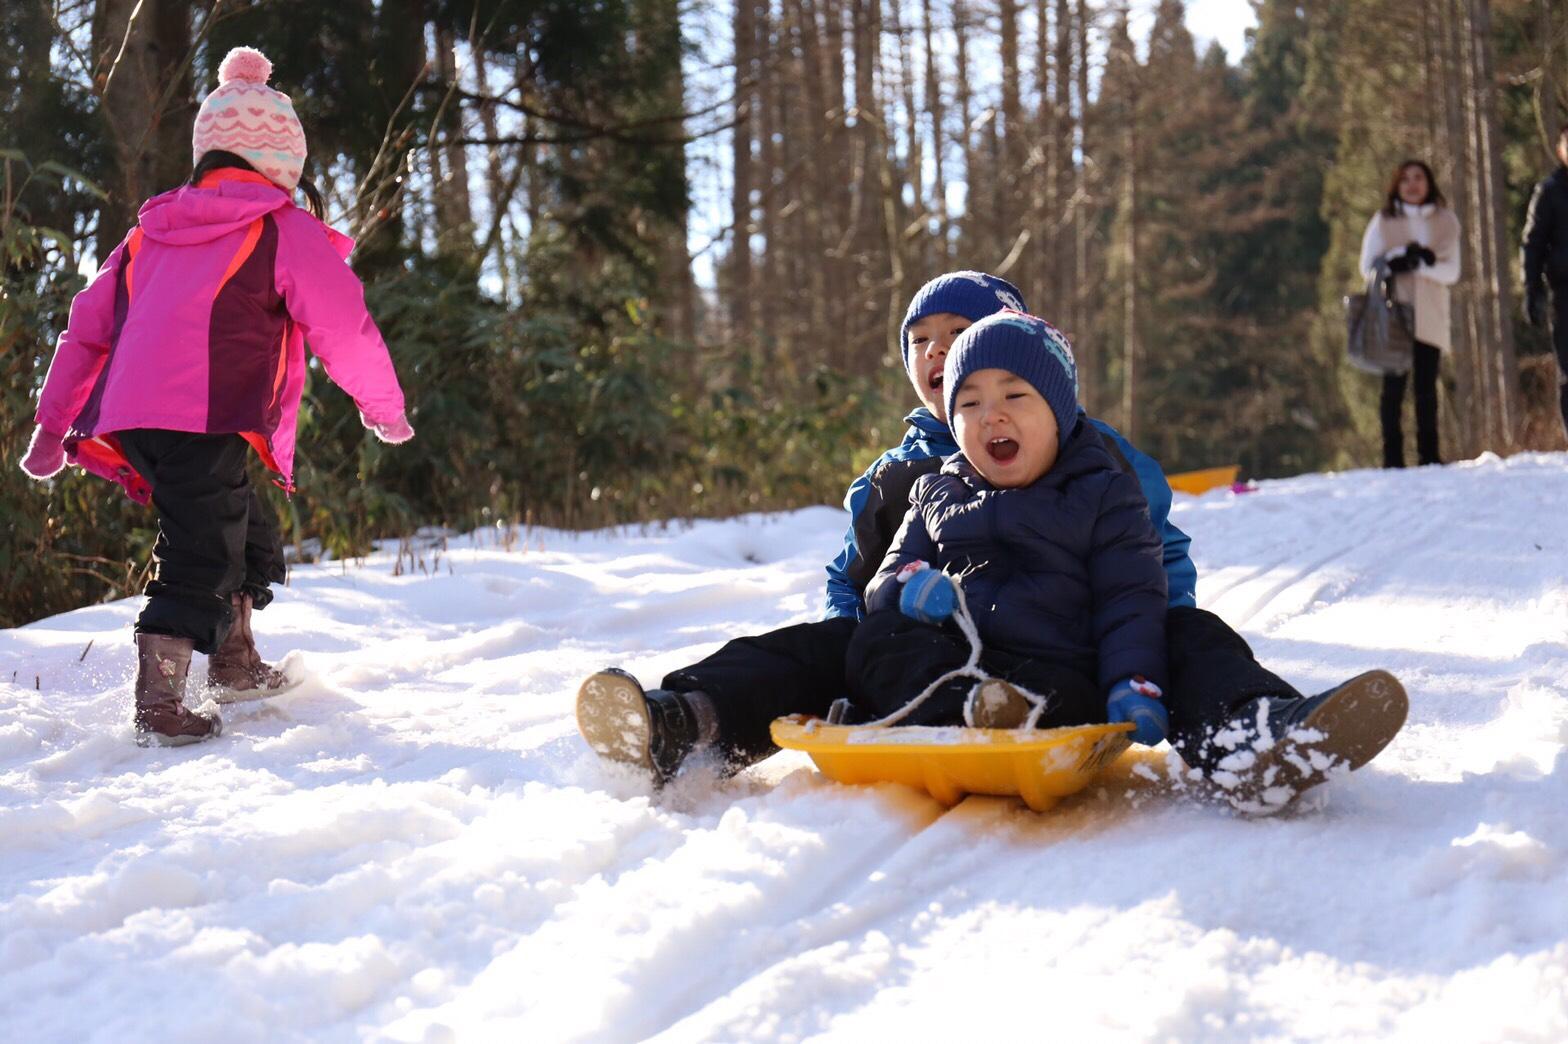 雪遊び、ソリ遊び、キッズプラン